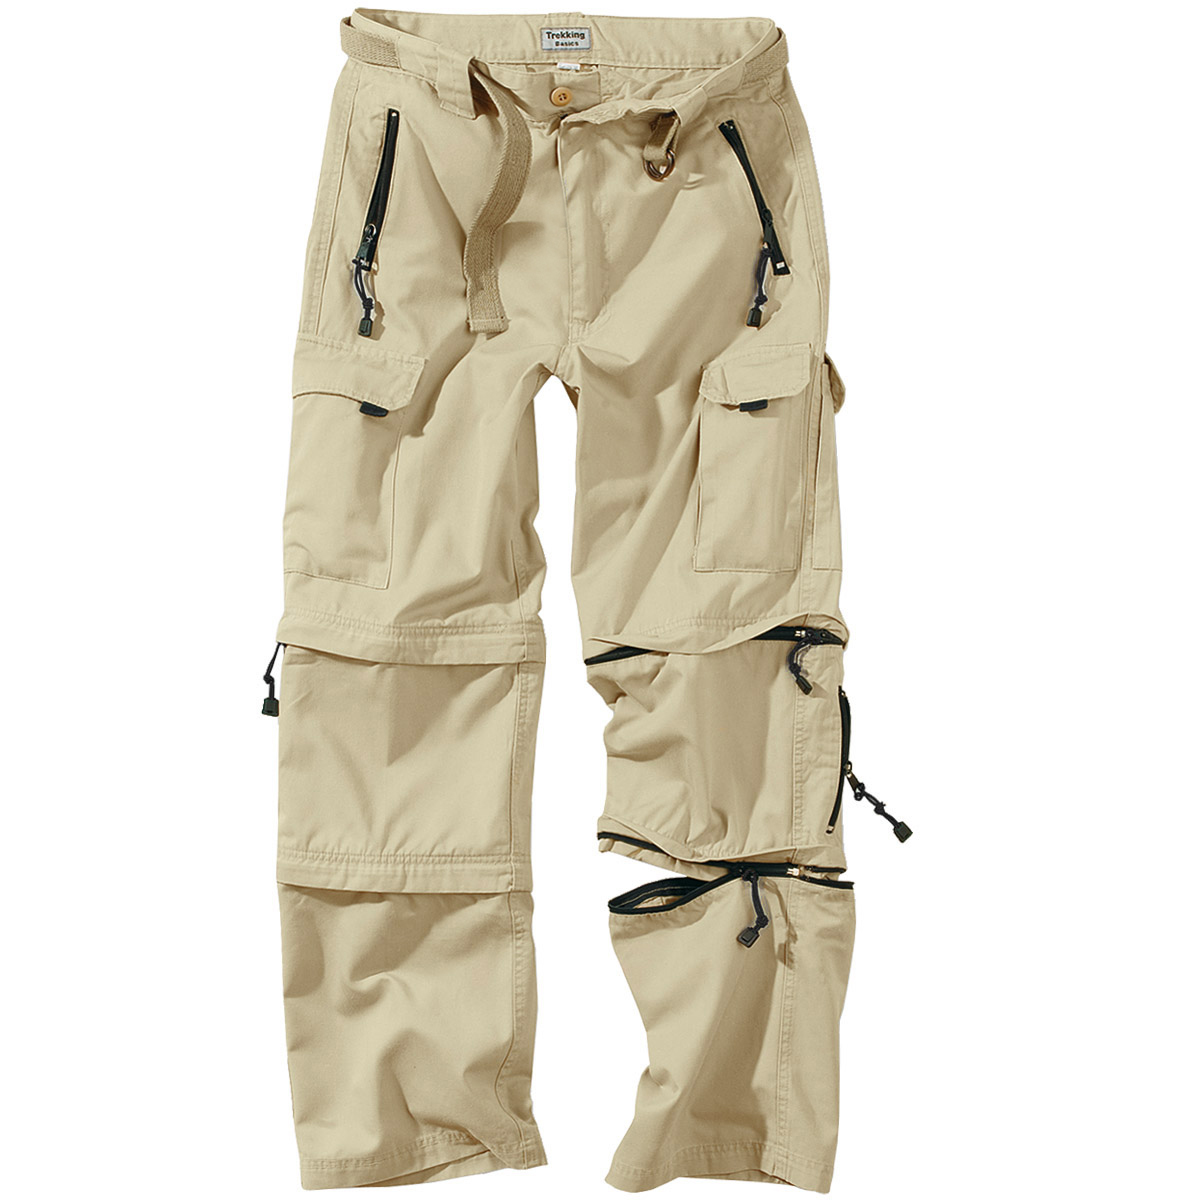 Khaki Pants White Shirt Brown Shoes